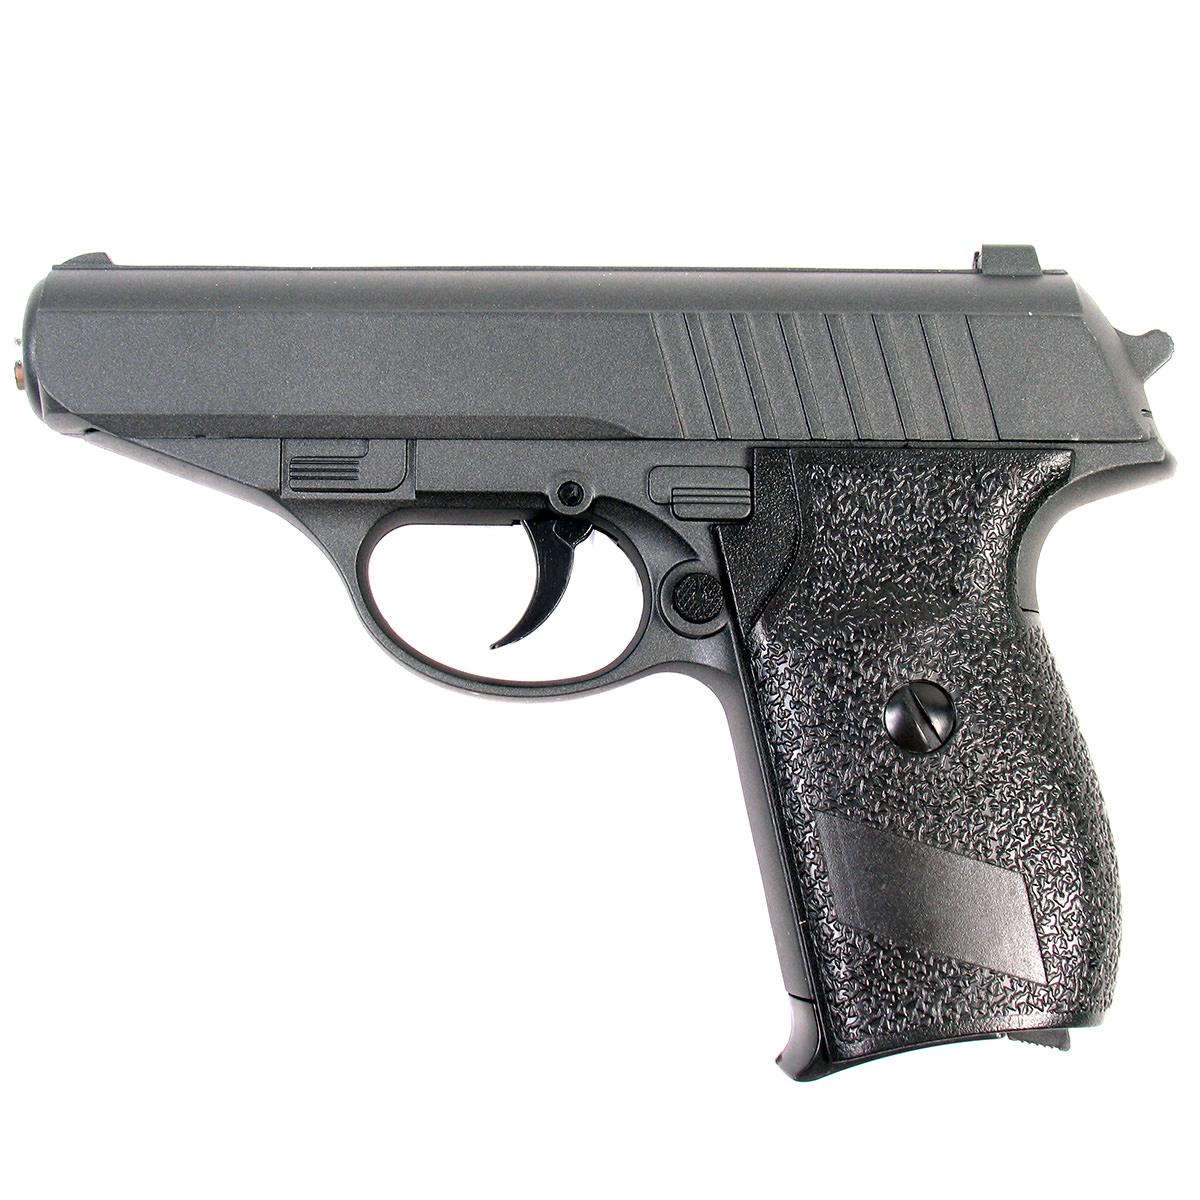 Пружинный пистолет G.3 является уменьшенной репликой пистолета Sig Sauer P230. Корпус  пистолета цельнометаллический. В магазин вмещается 8 шариков BB 6 мм. Выстрел из  пистолета осуществляется с помощью пружины, максимальная начальная скорость выстрела не  более 50 м/с. Прицельные приспособления не регулируемые, пистолет предназначен для  стрельбы на короткие дистанции.